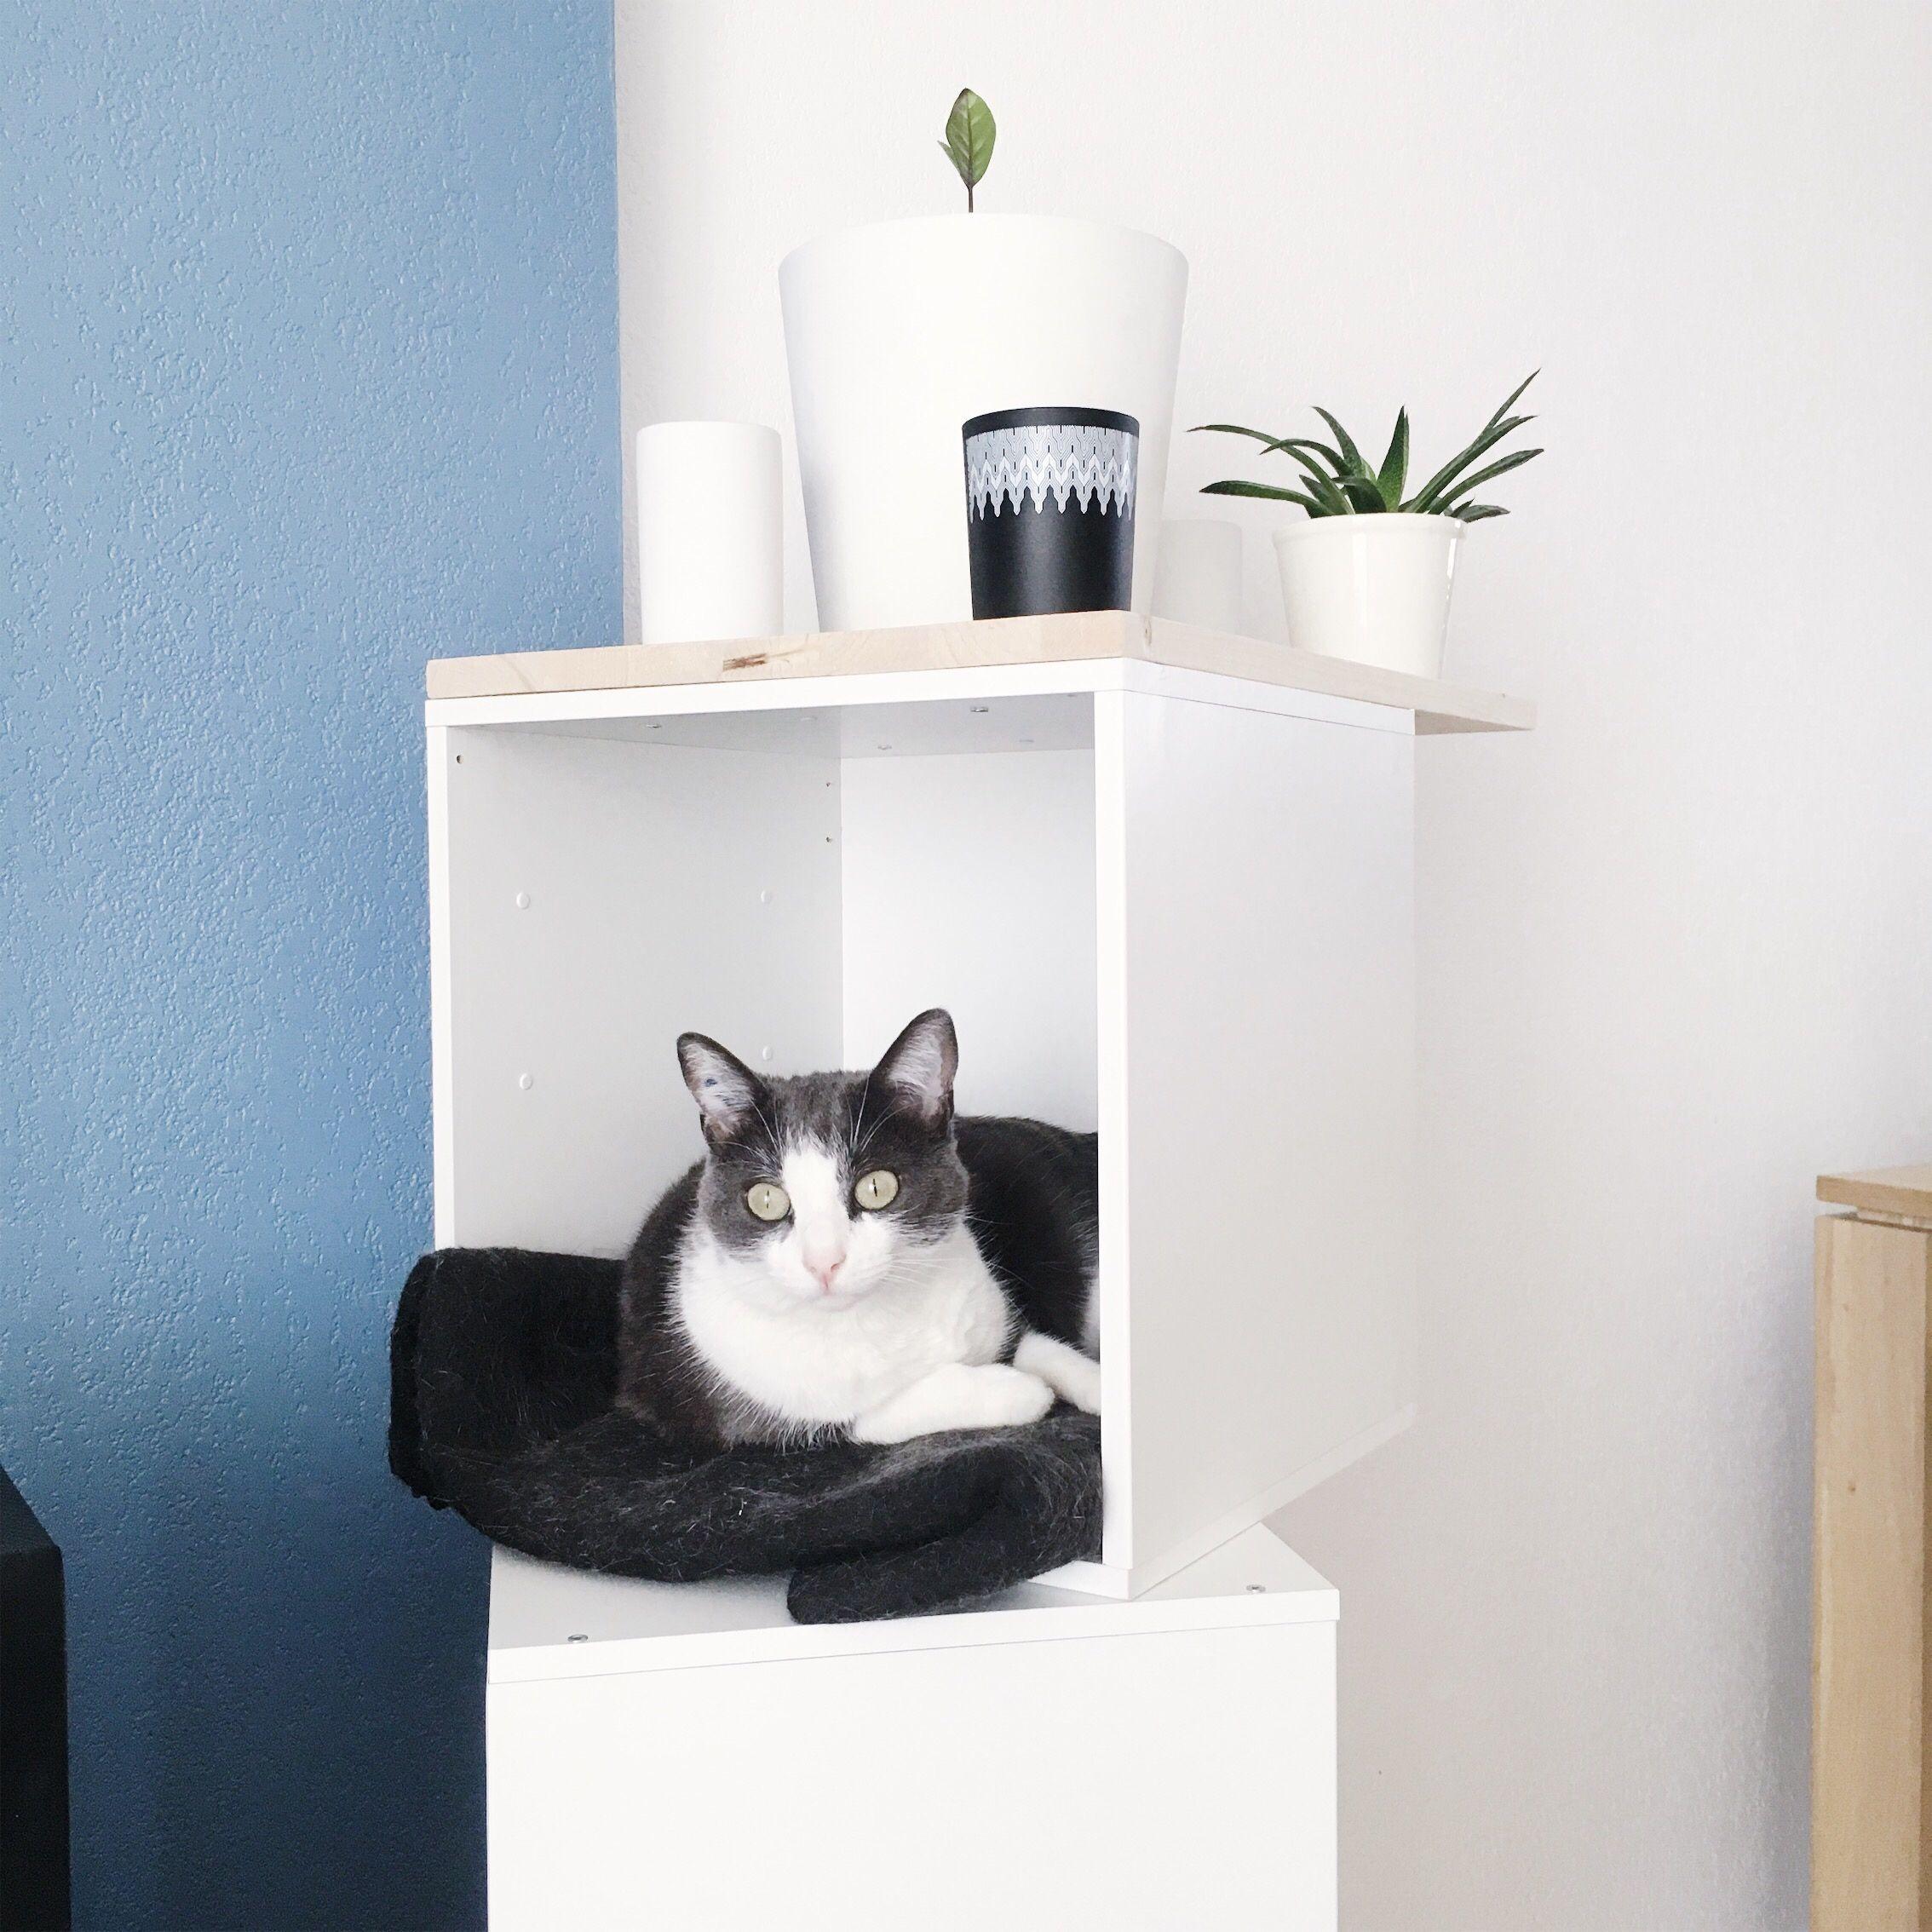 Arbre A Chat Leroy Merlin diy créer un arbre à chat facilement